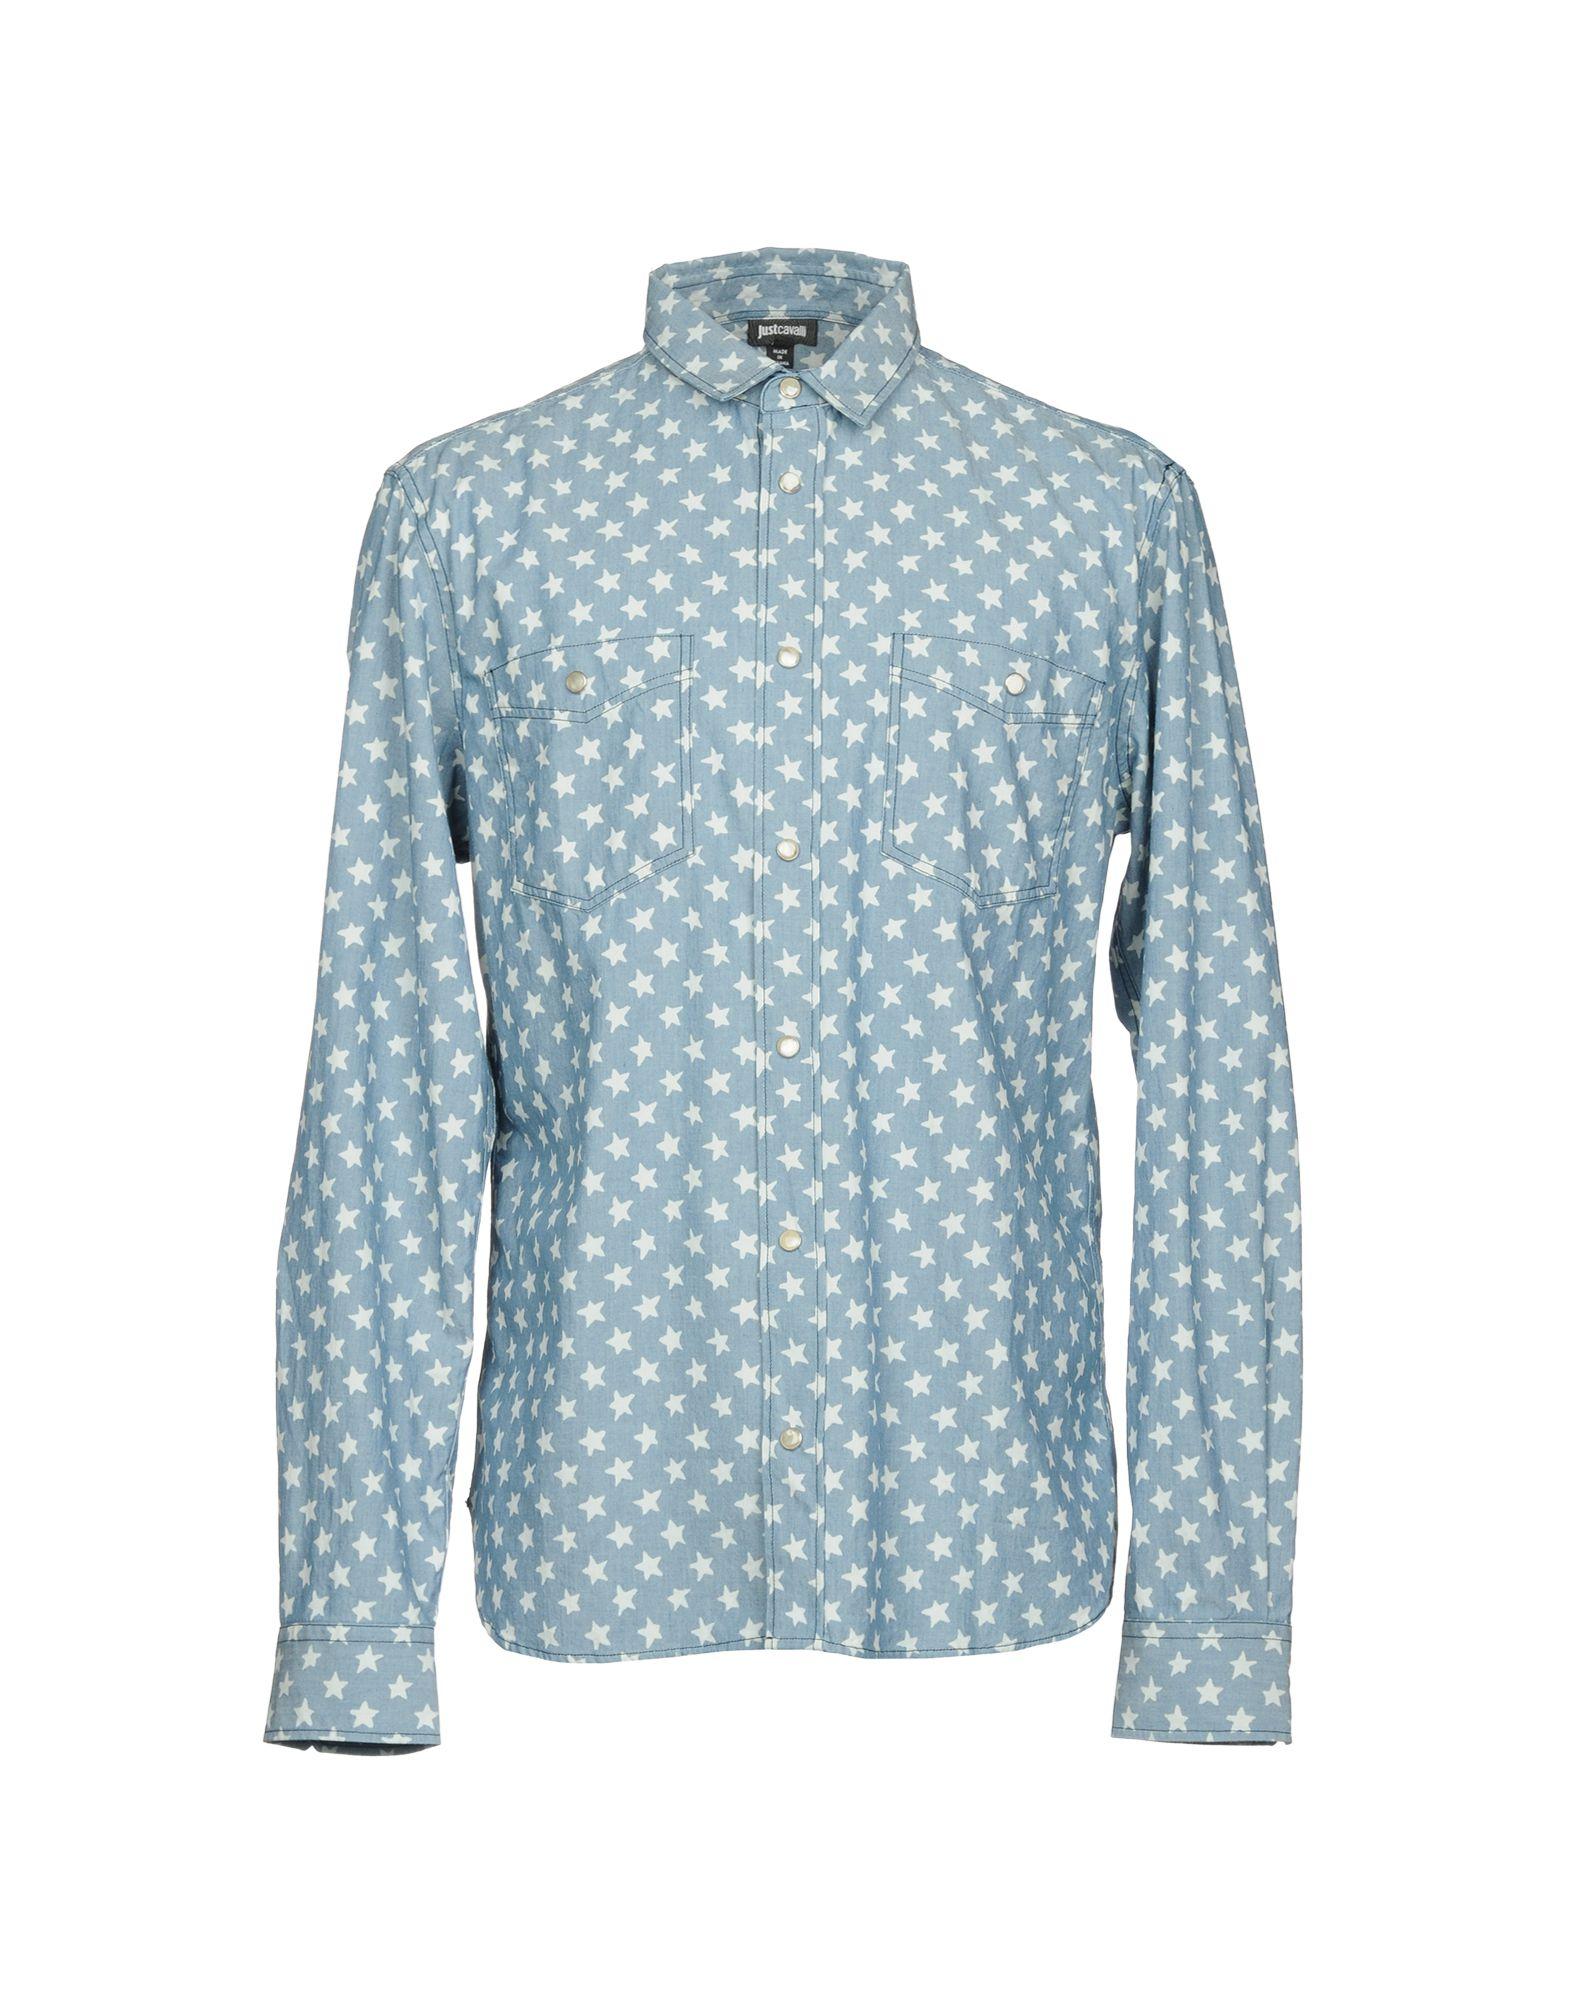 JUST CAVALLI Джинсовая рубашка рубашка джинсовая 3 12 лет